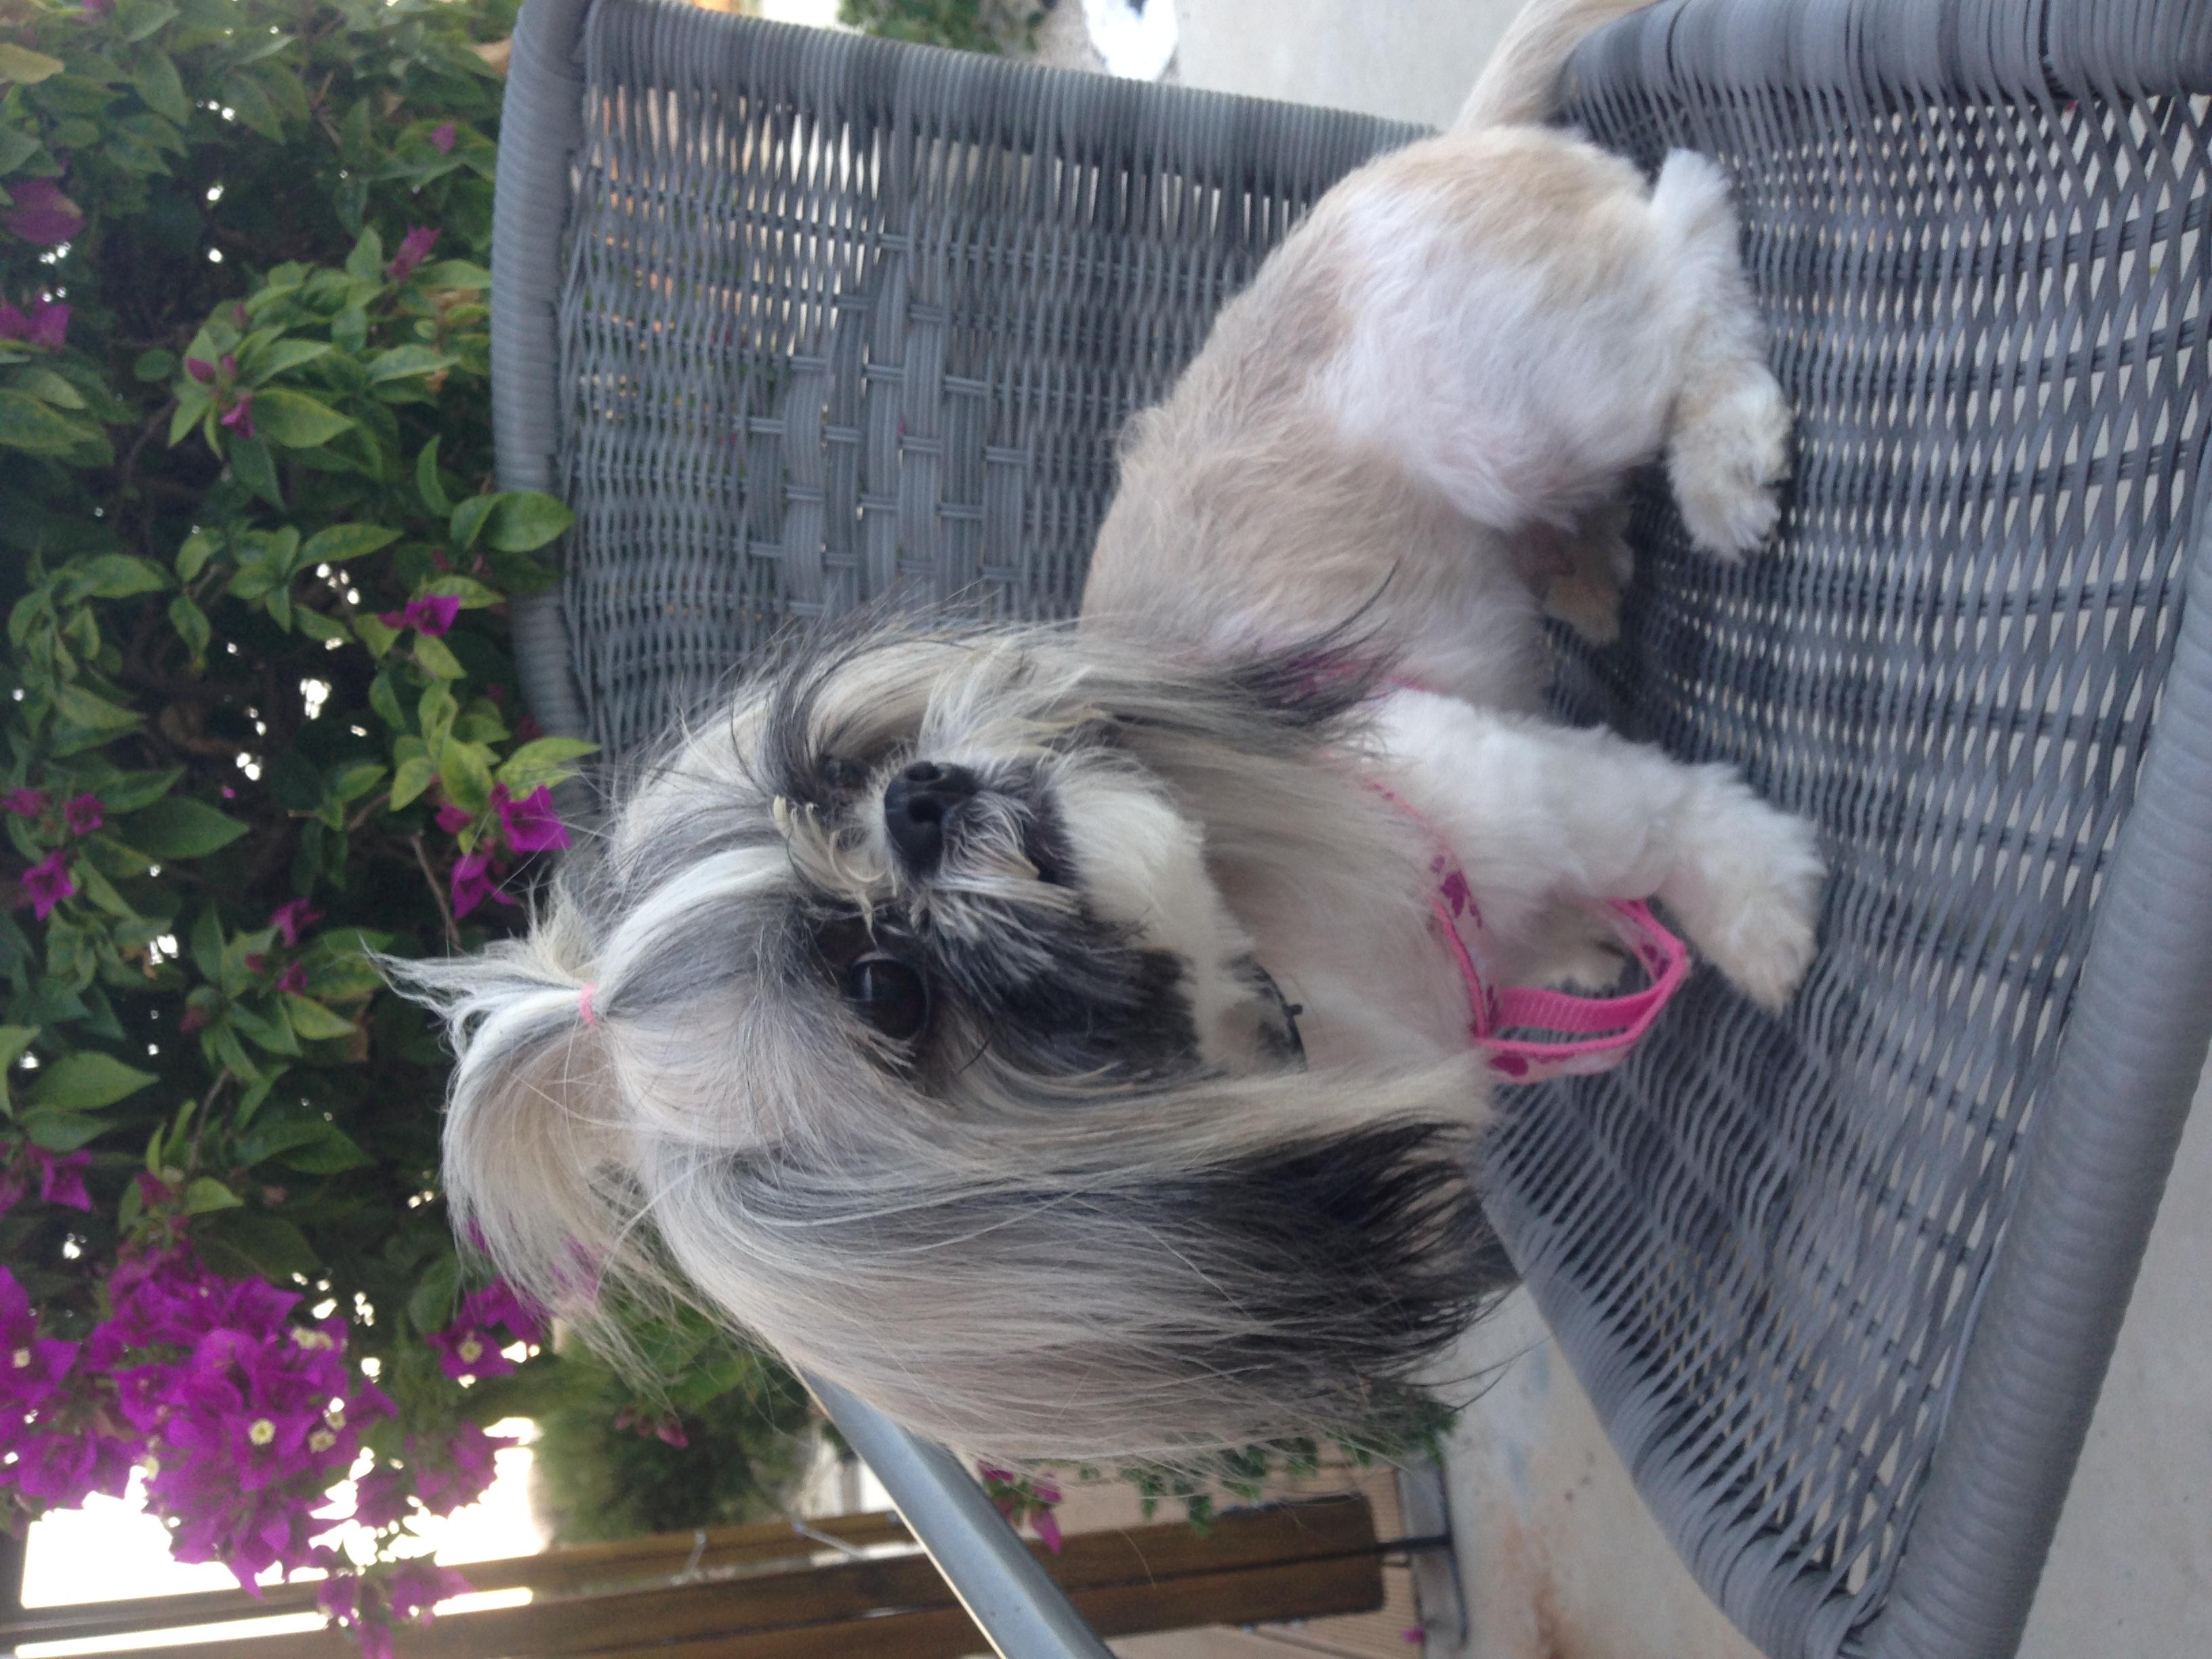 dog_ranch_cyprus_dog_hotel_Lady_chichi.jpg